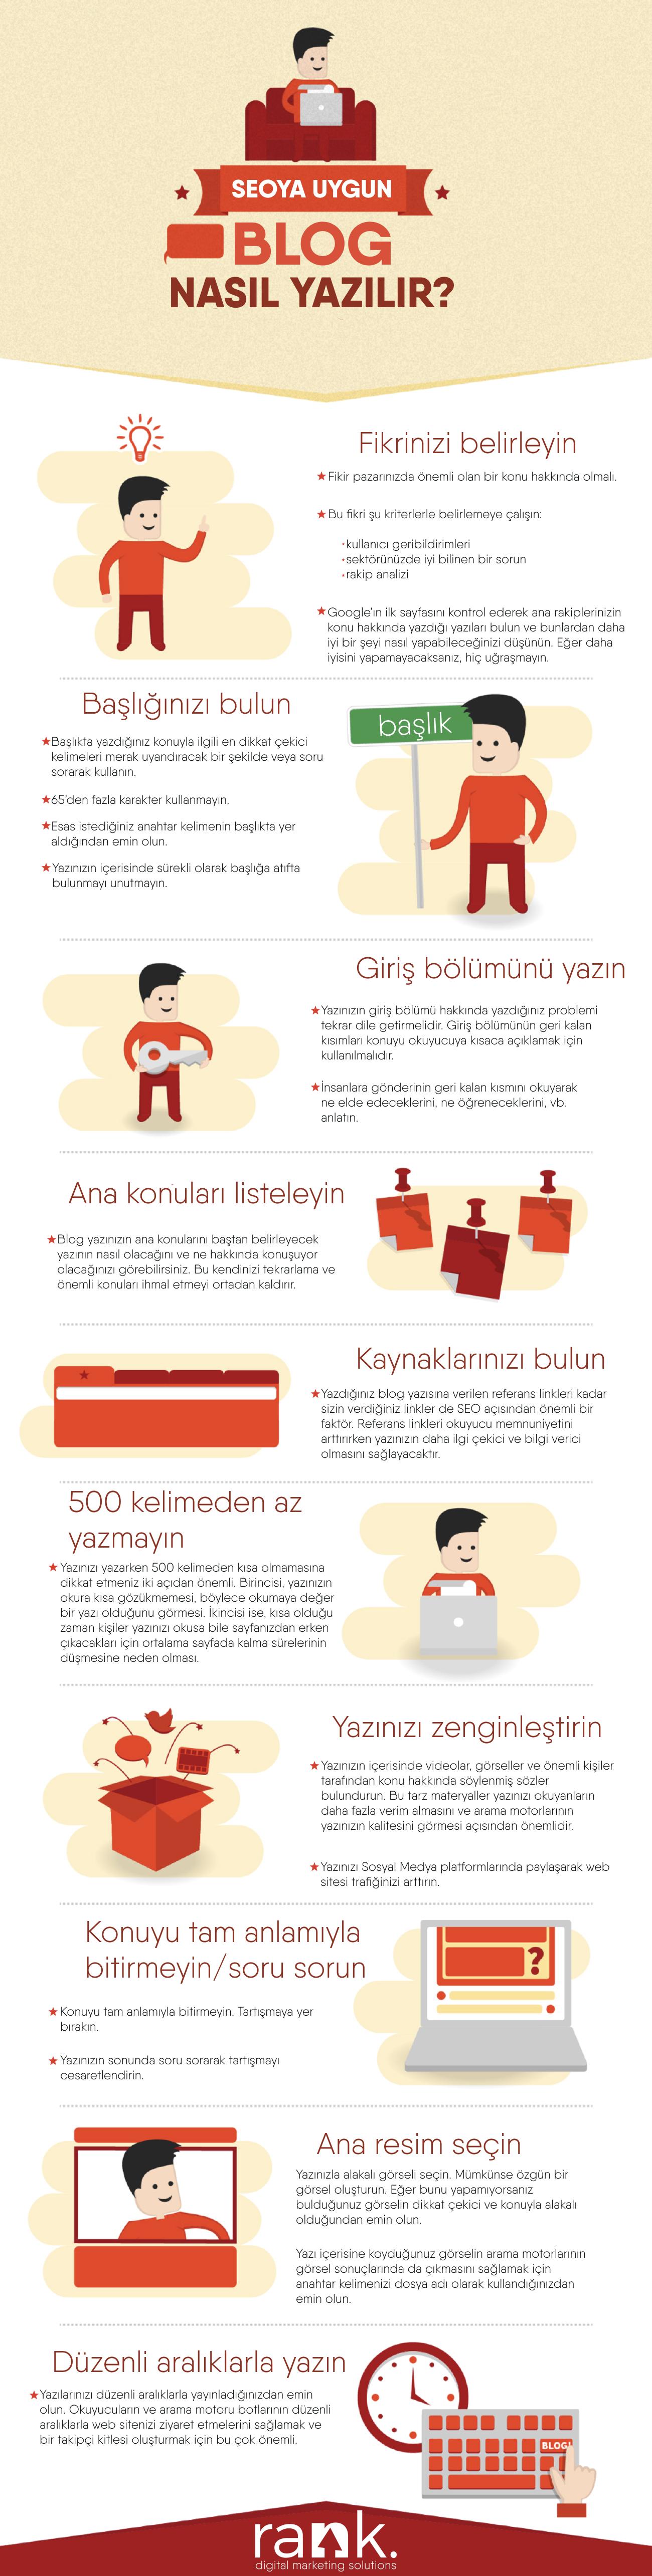 seoya-uygun-blog-yazisi-nasil-yazilir